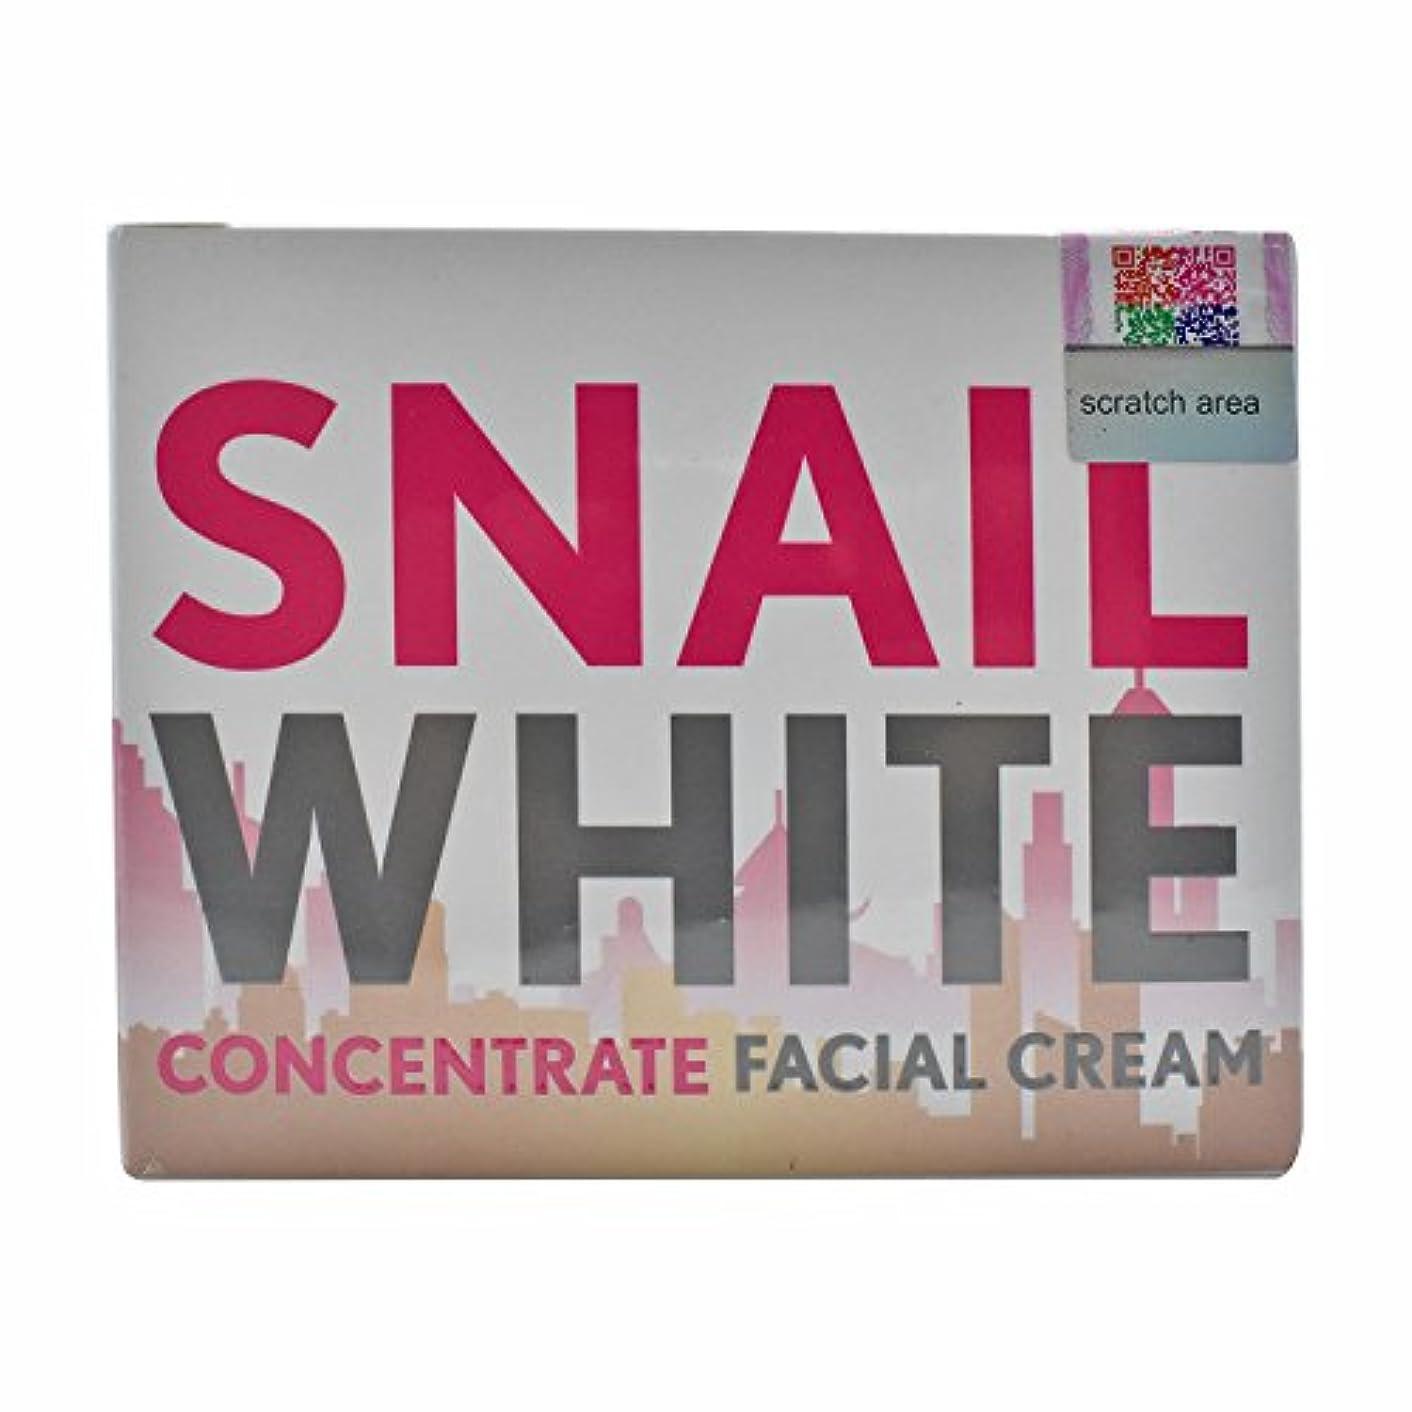 宇宙船以内に基本的なフェイシャルクリーム50 ml。 ホワイトニング NAMU LIFE SNAILWHITE CONCENTRATE FACIAL CREAM 50 ml.